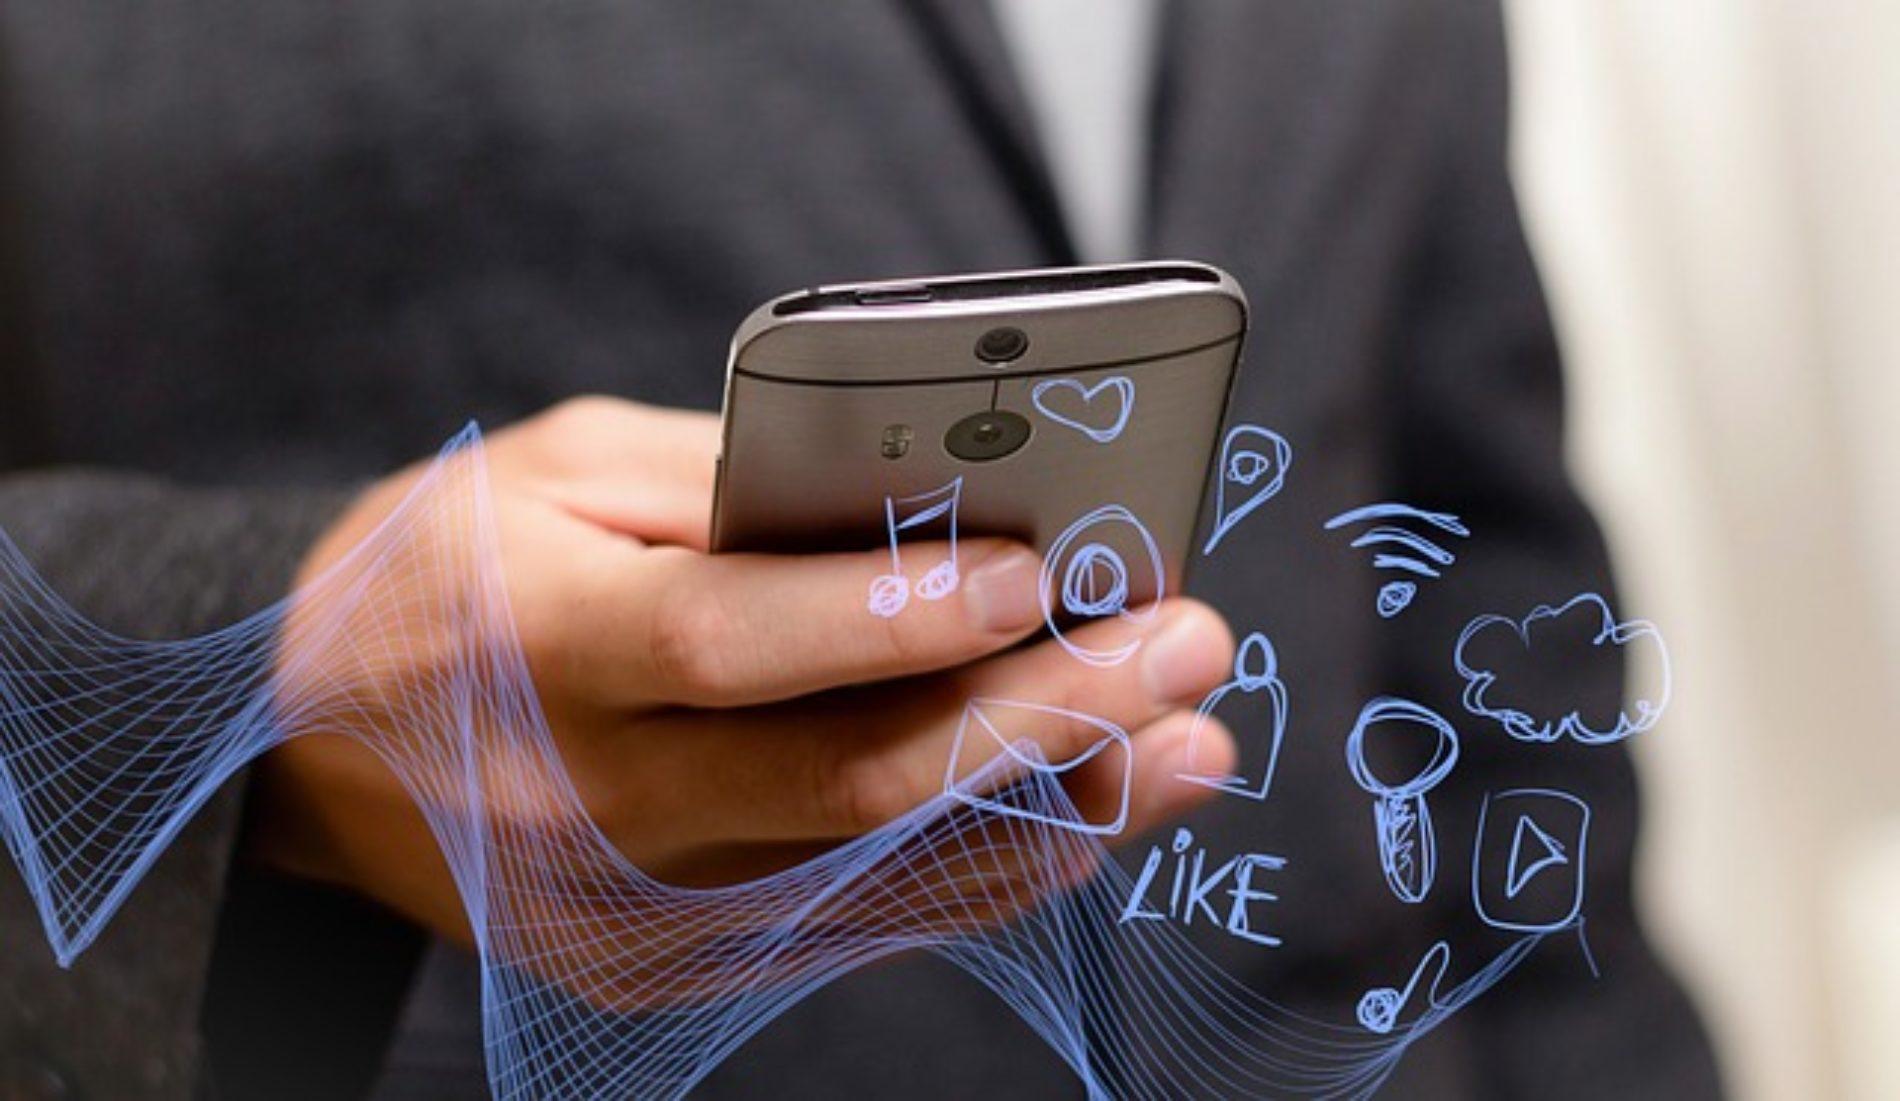 Lo que debe saber para conectar varios dispositivos a la misma red de WiFi